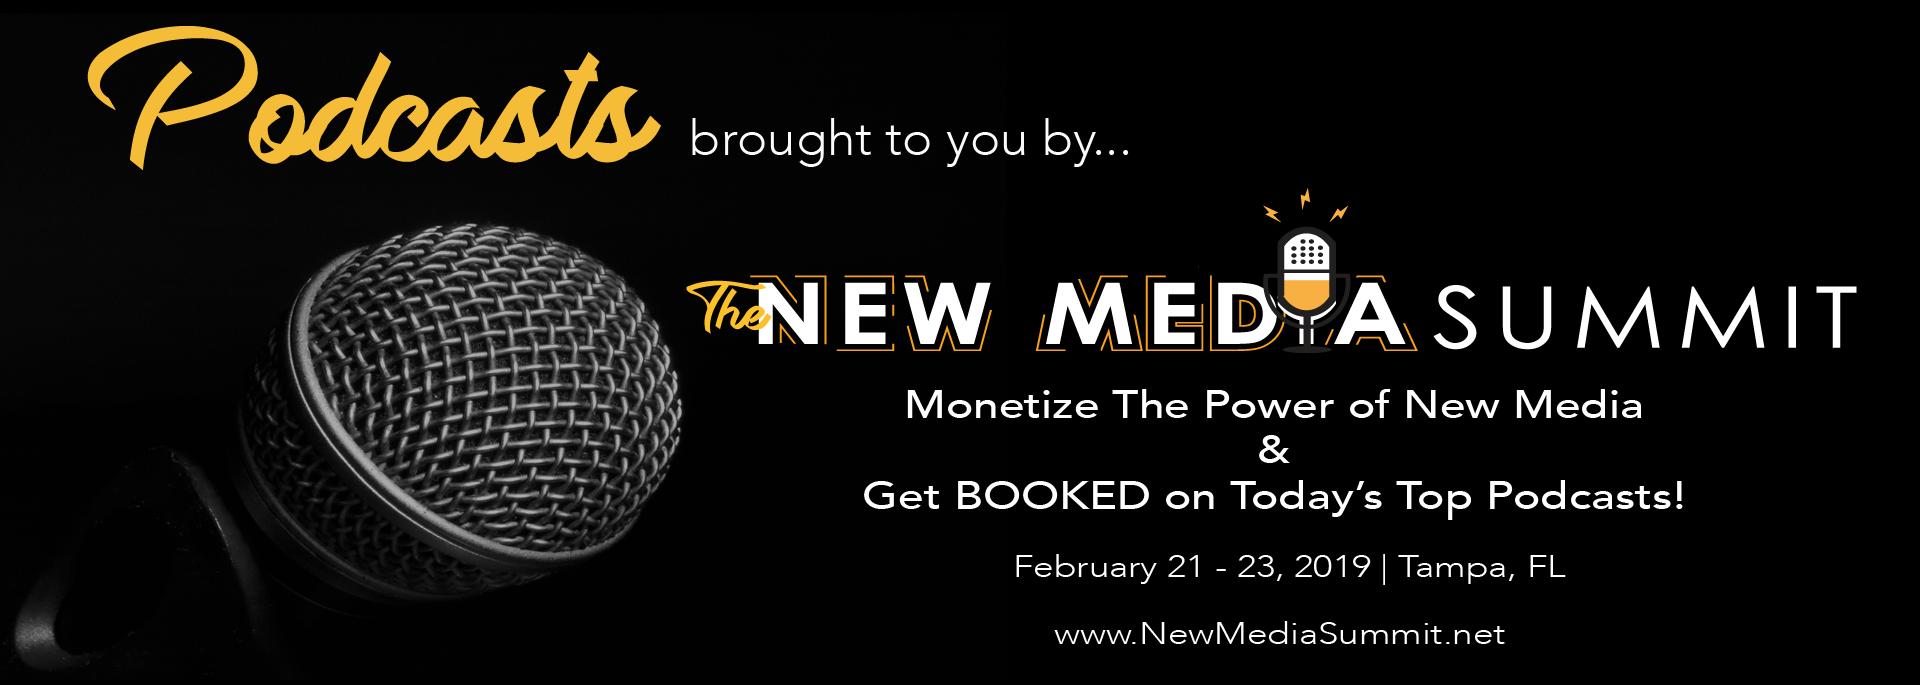 New Media Summit